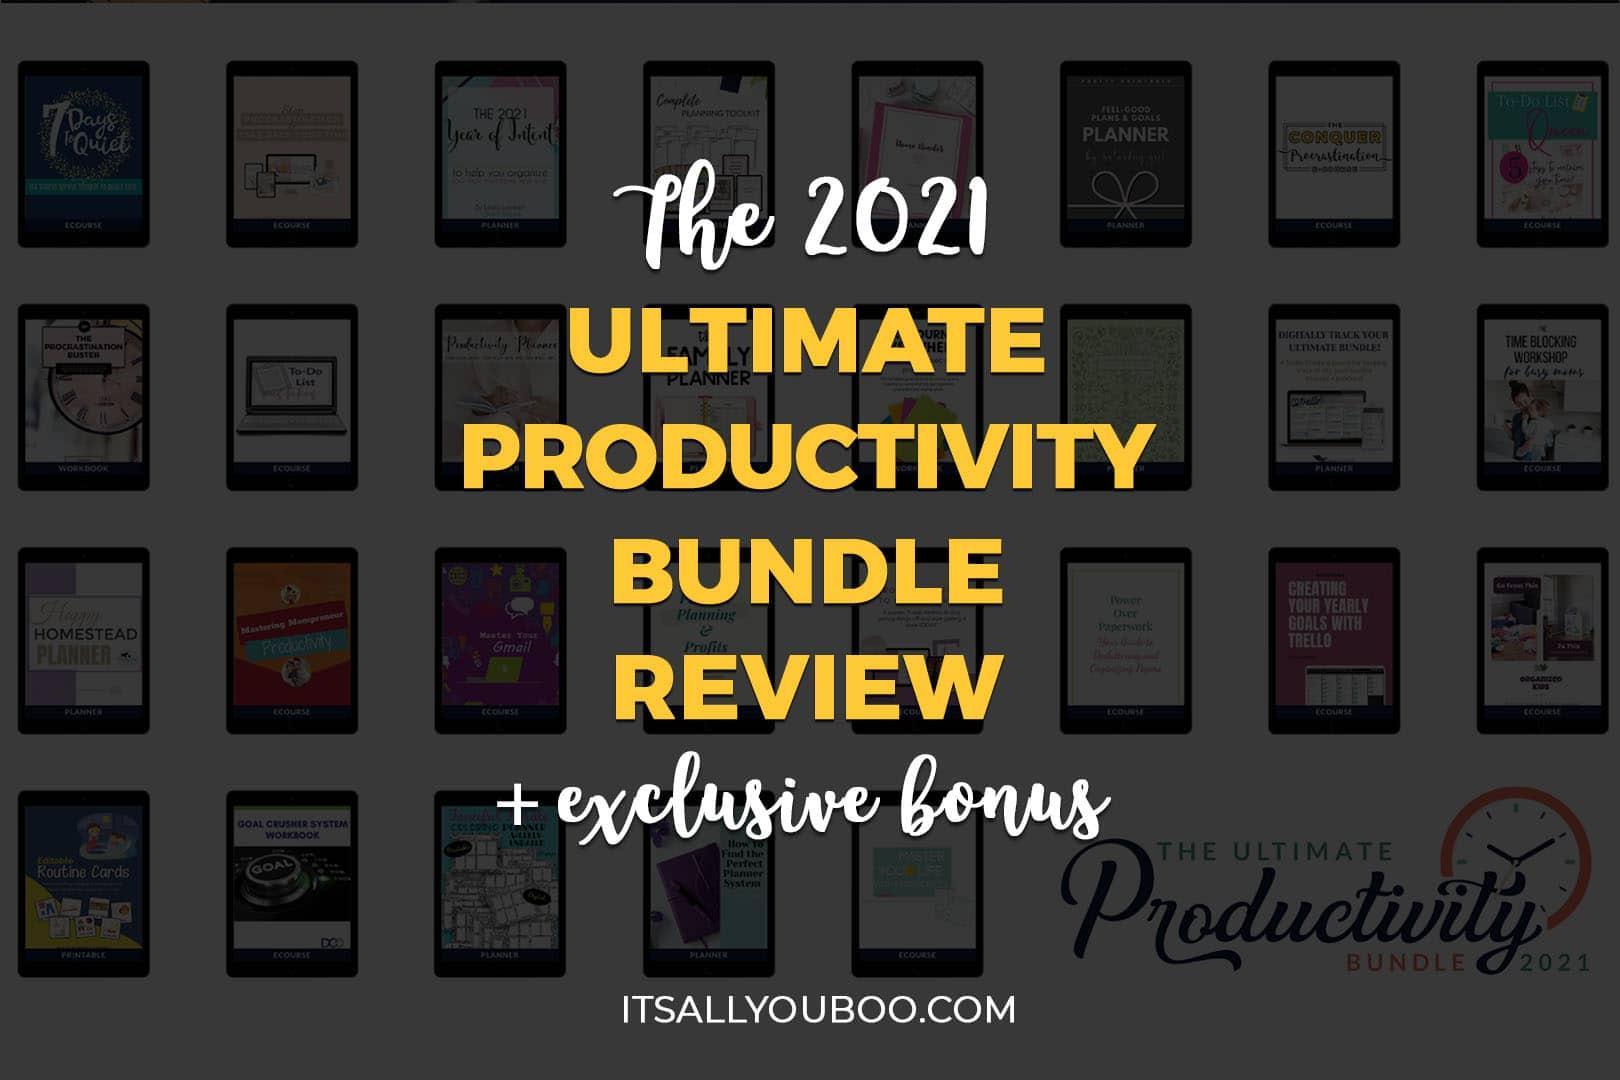 Ultimate Productivity Bundle 2021 Review + Exclusive Bonus